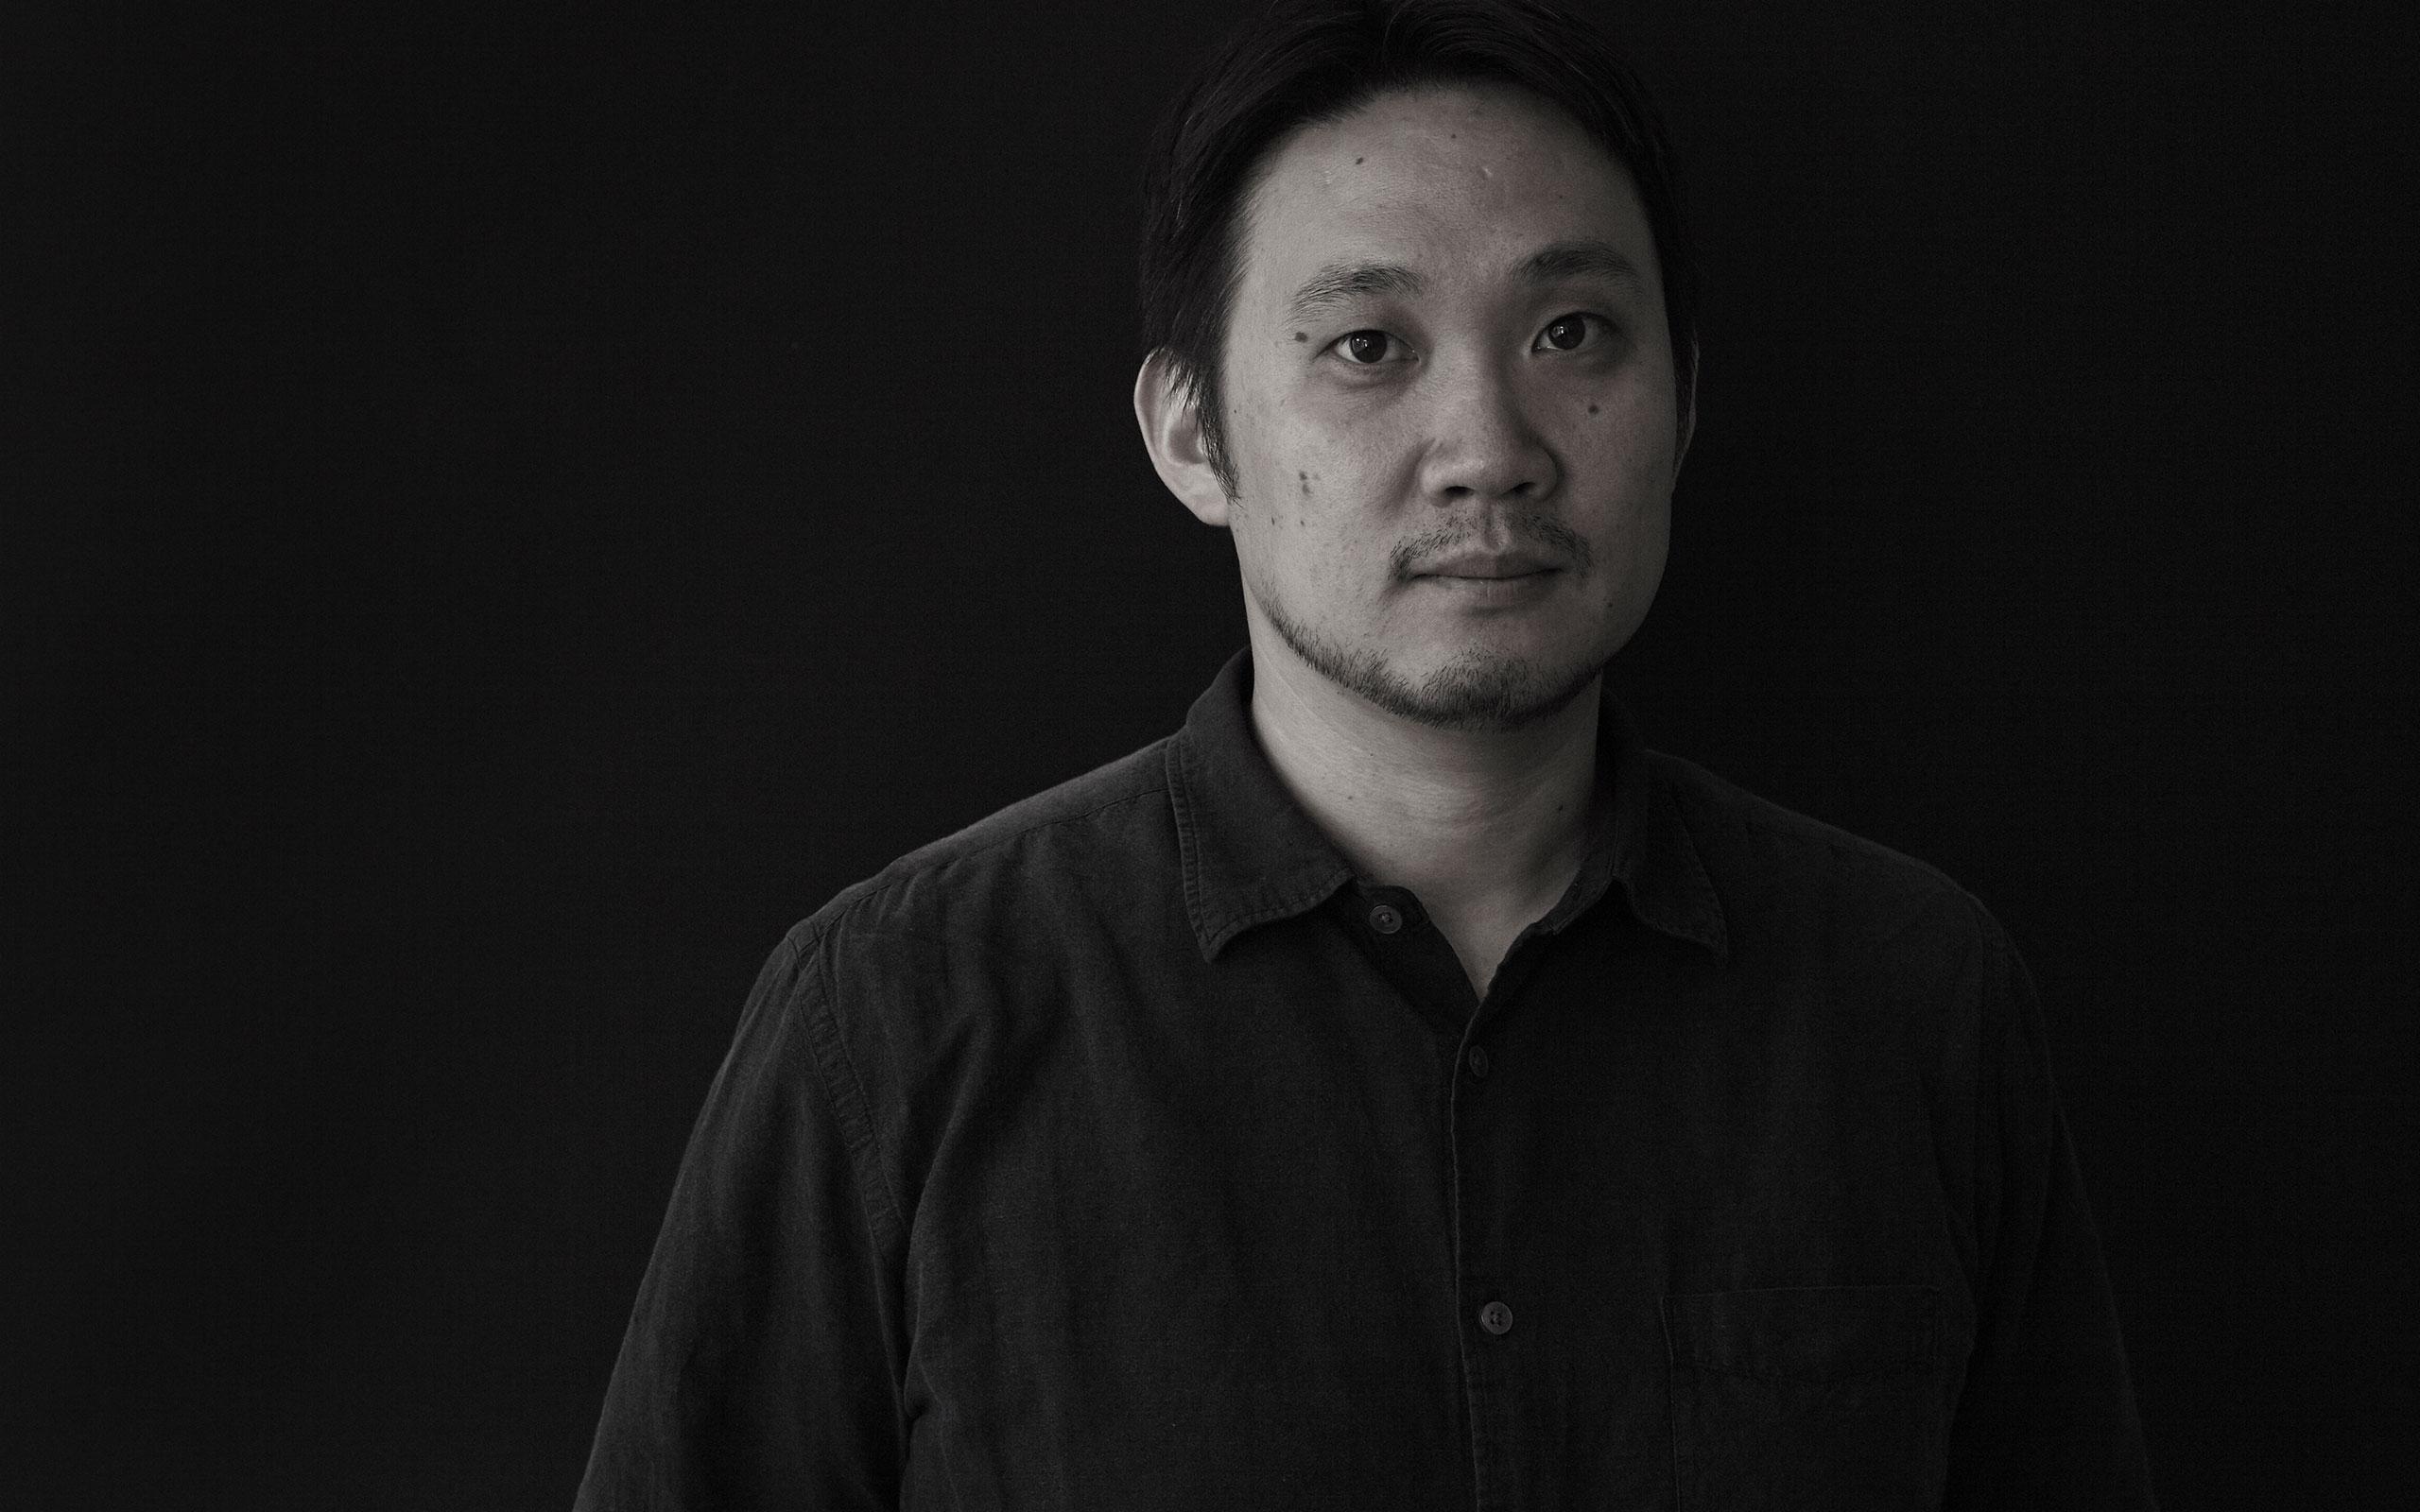 【インタビュー】濱口竜介: 『寝ても覚めても』でも挑んだ、嘘の手がかりを与えずにフィクションをつくるということ。